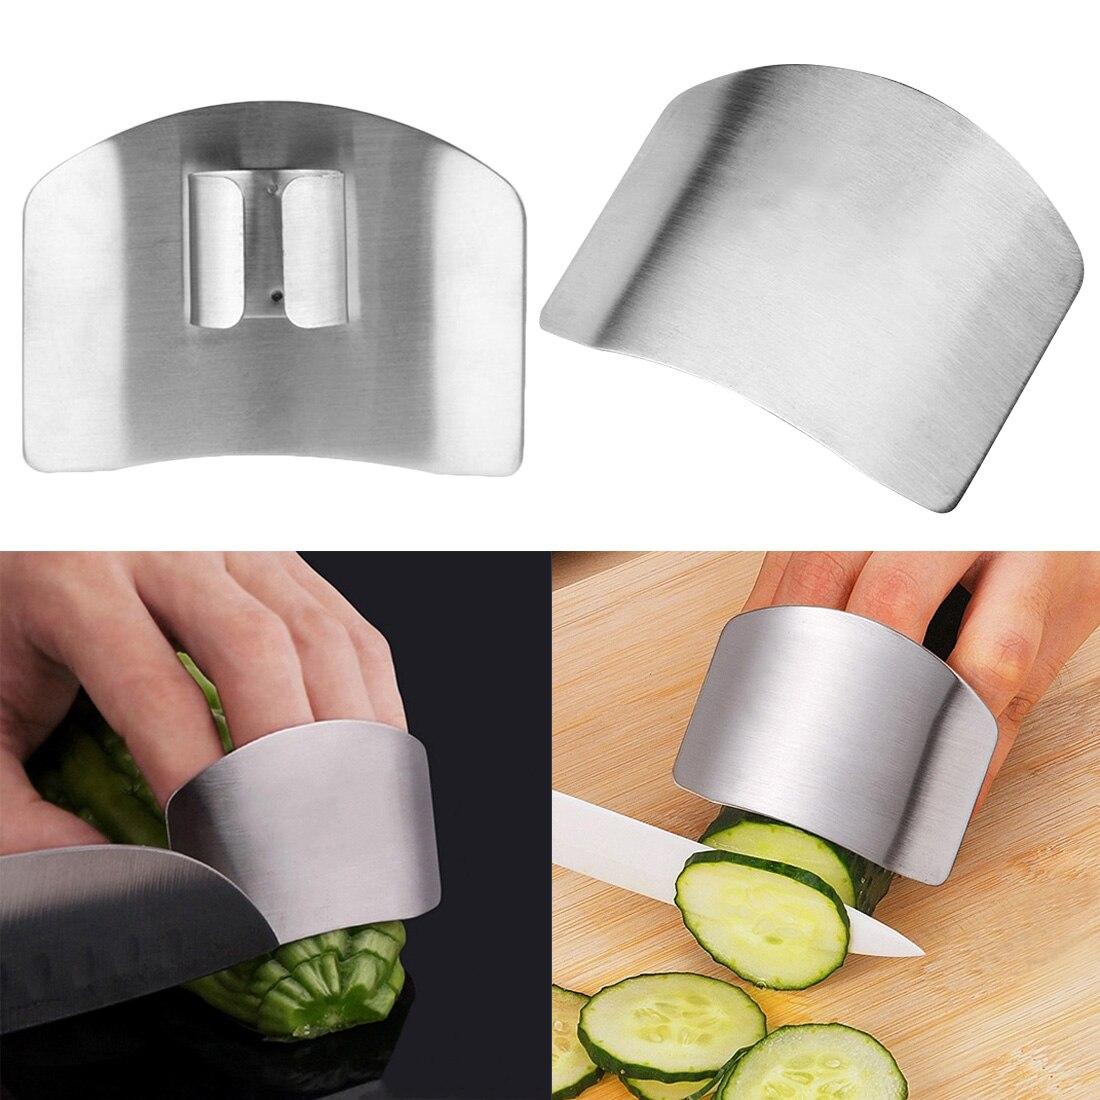 Серебряная Защита для пальцев, защита для рук, защита для рук, нож, инструмент для защиты пальцев, кухонный инструмент из нержавеющей стали